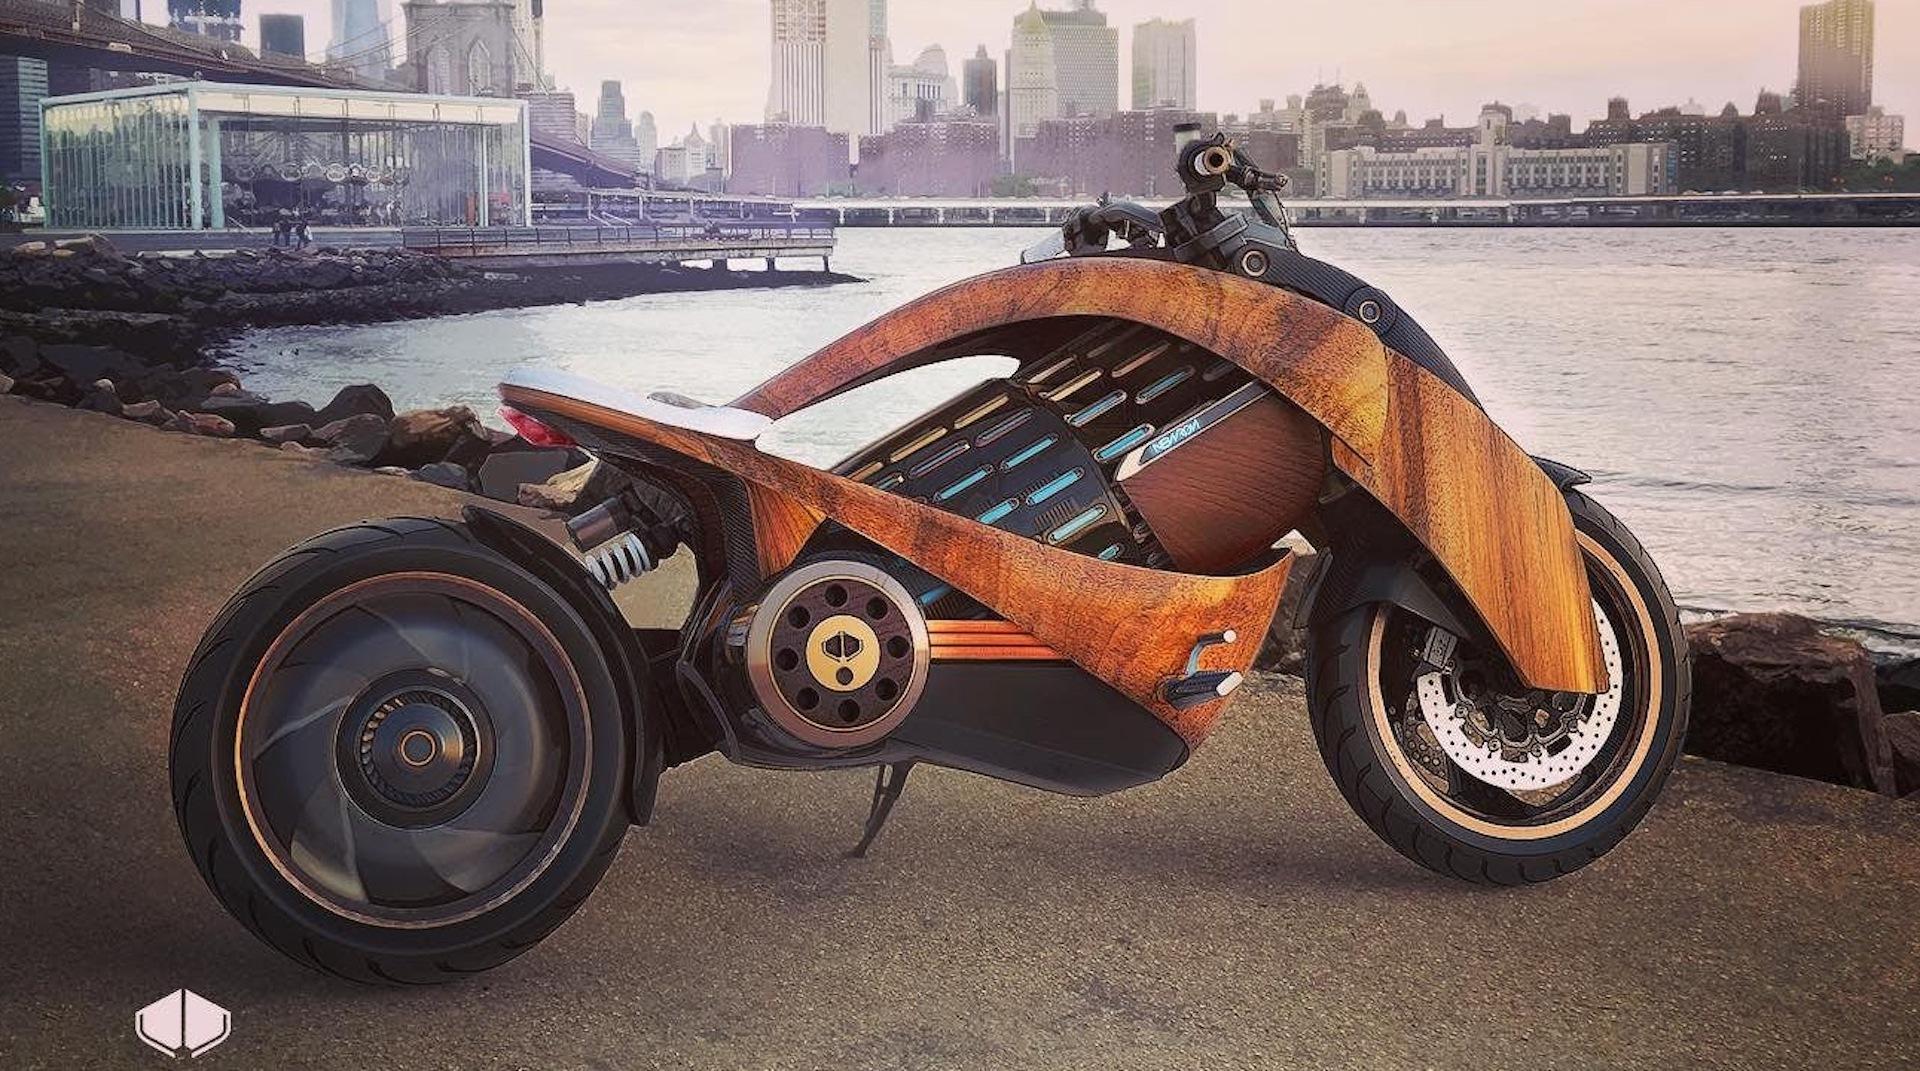 Le français Newron dévoile sa moto électrique